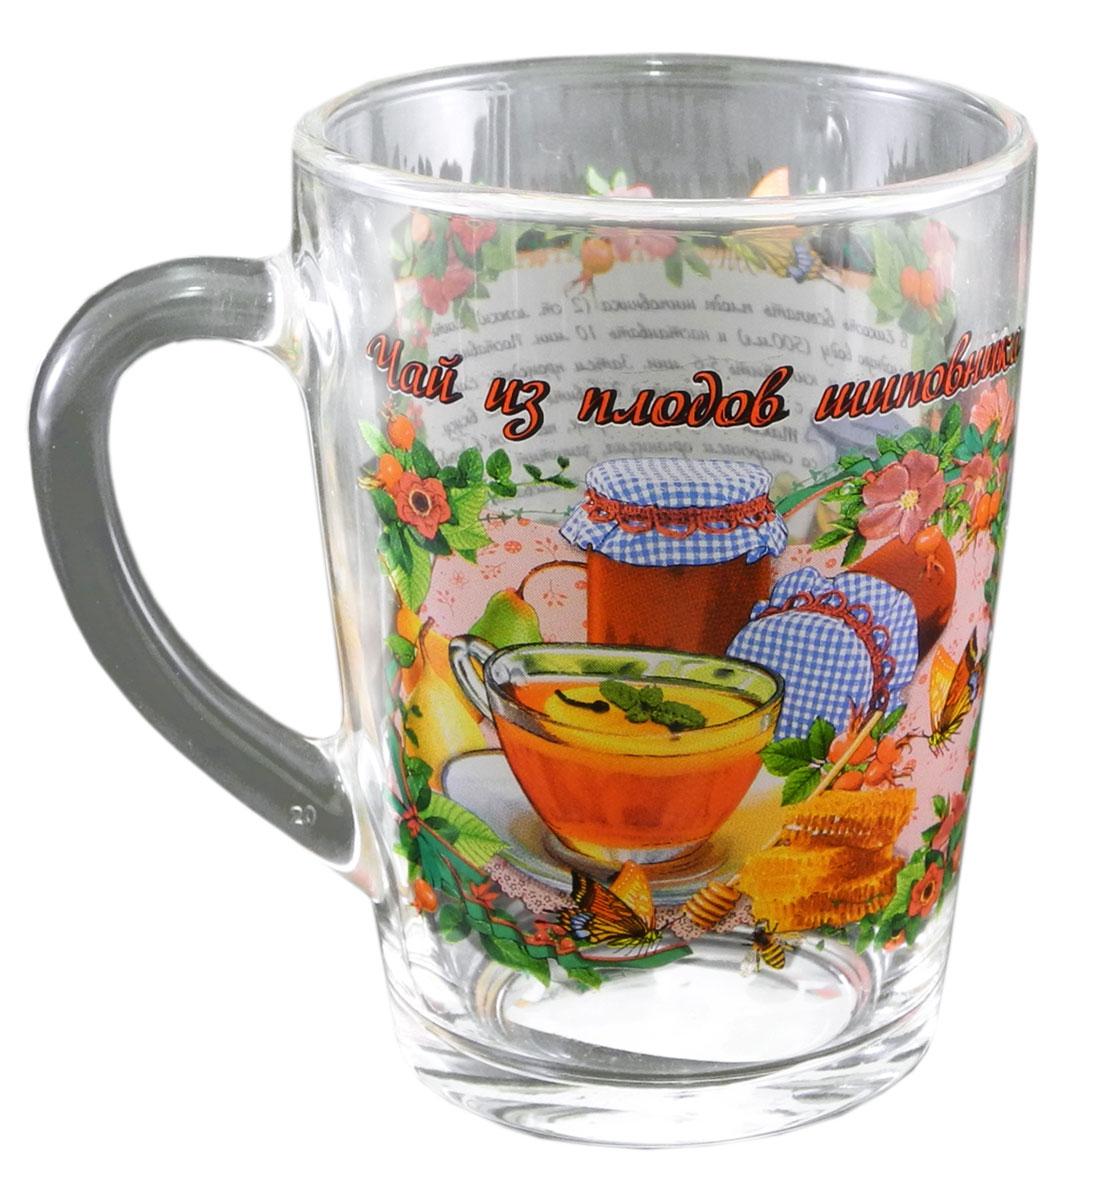 Кружка чайная Квестор Каппучино. Чай из плодов шиповника, 300 мл54 009312Кружка чайная Квестор Каппучино. Чай из плодов шиповника, 300 мл